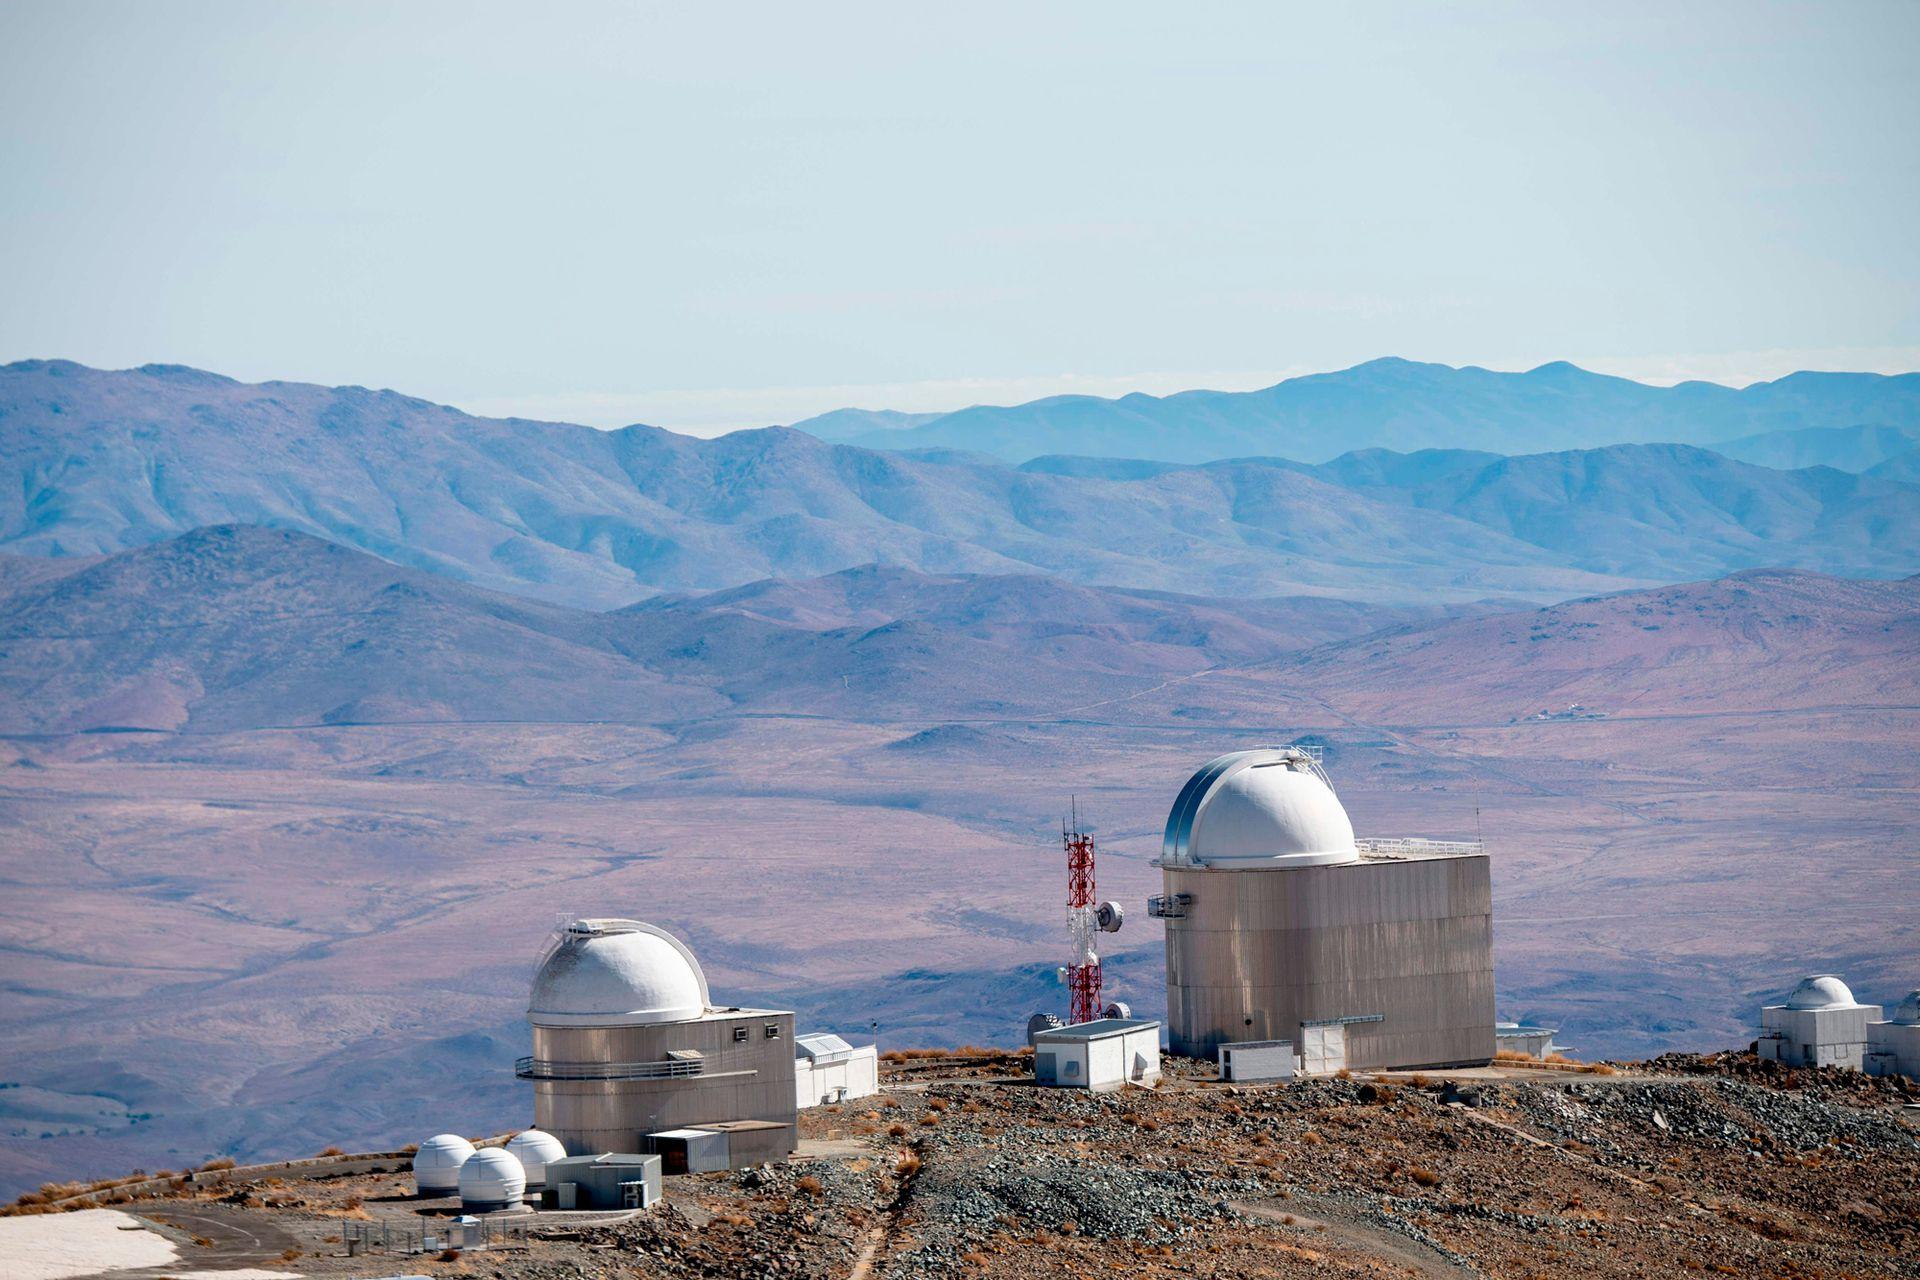 Al igual que otros observatorios de esta zona, La Silla se encuentra alejada de las fuentes de contaminación lumínica